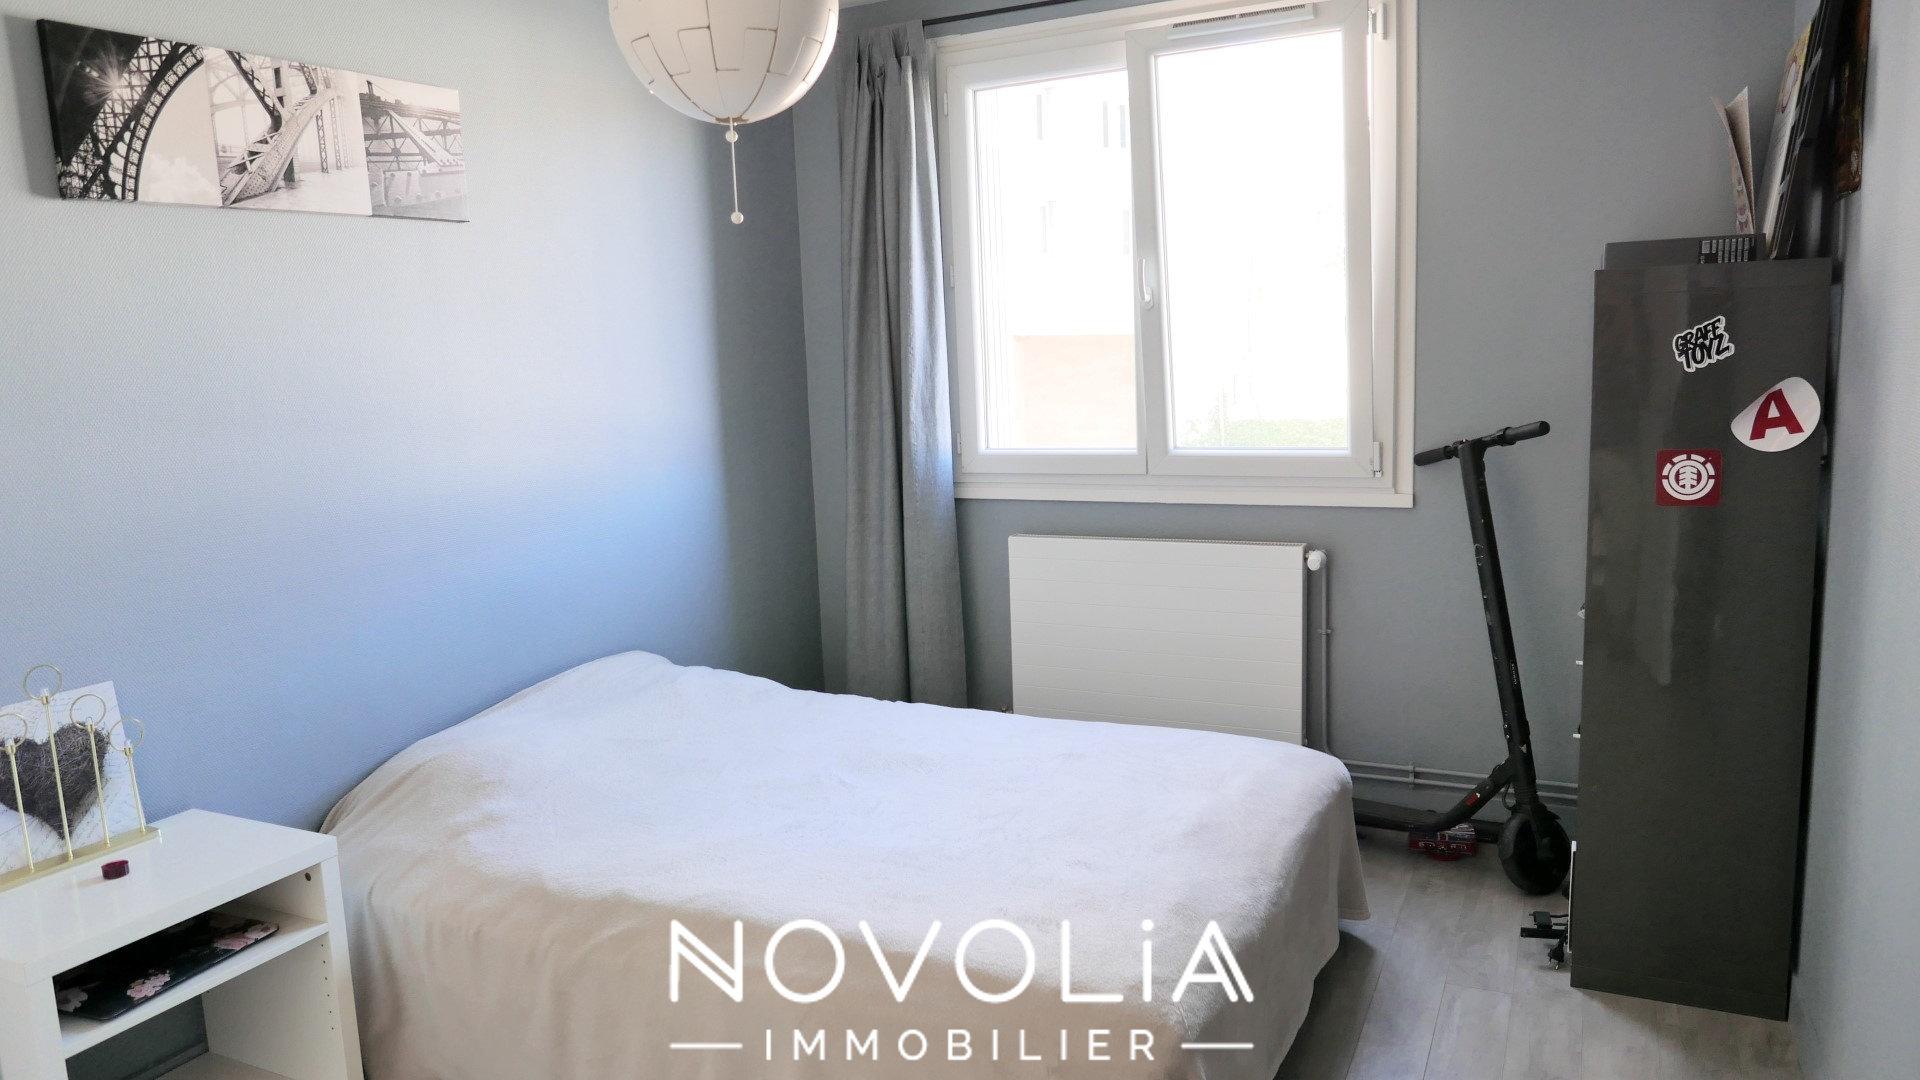 Achat Appartement, Surface de 63.84 m²/ Total carrez : 63.84 m², 3 pièces, Villeurbanne (69100)